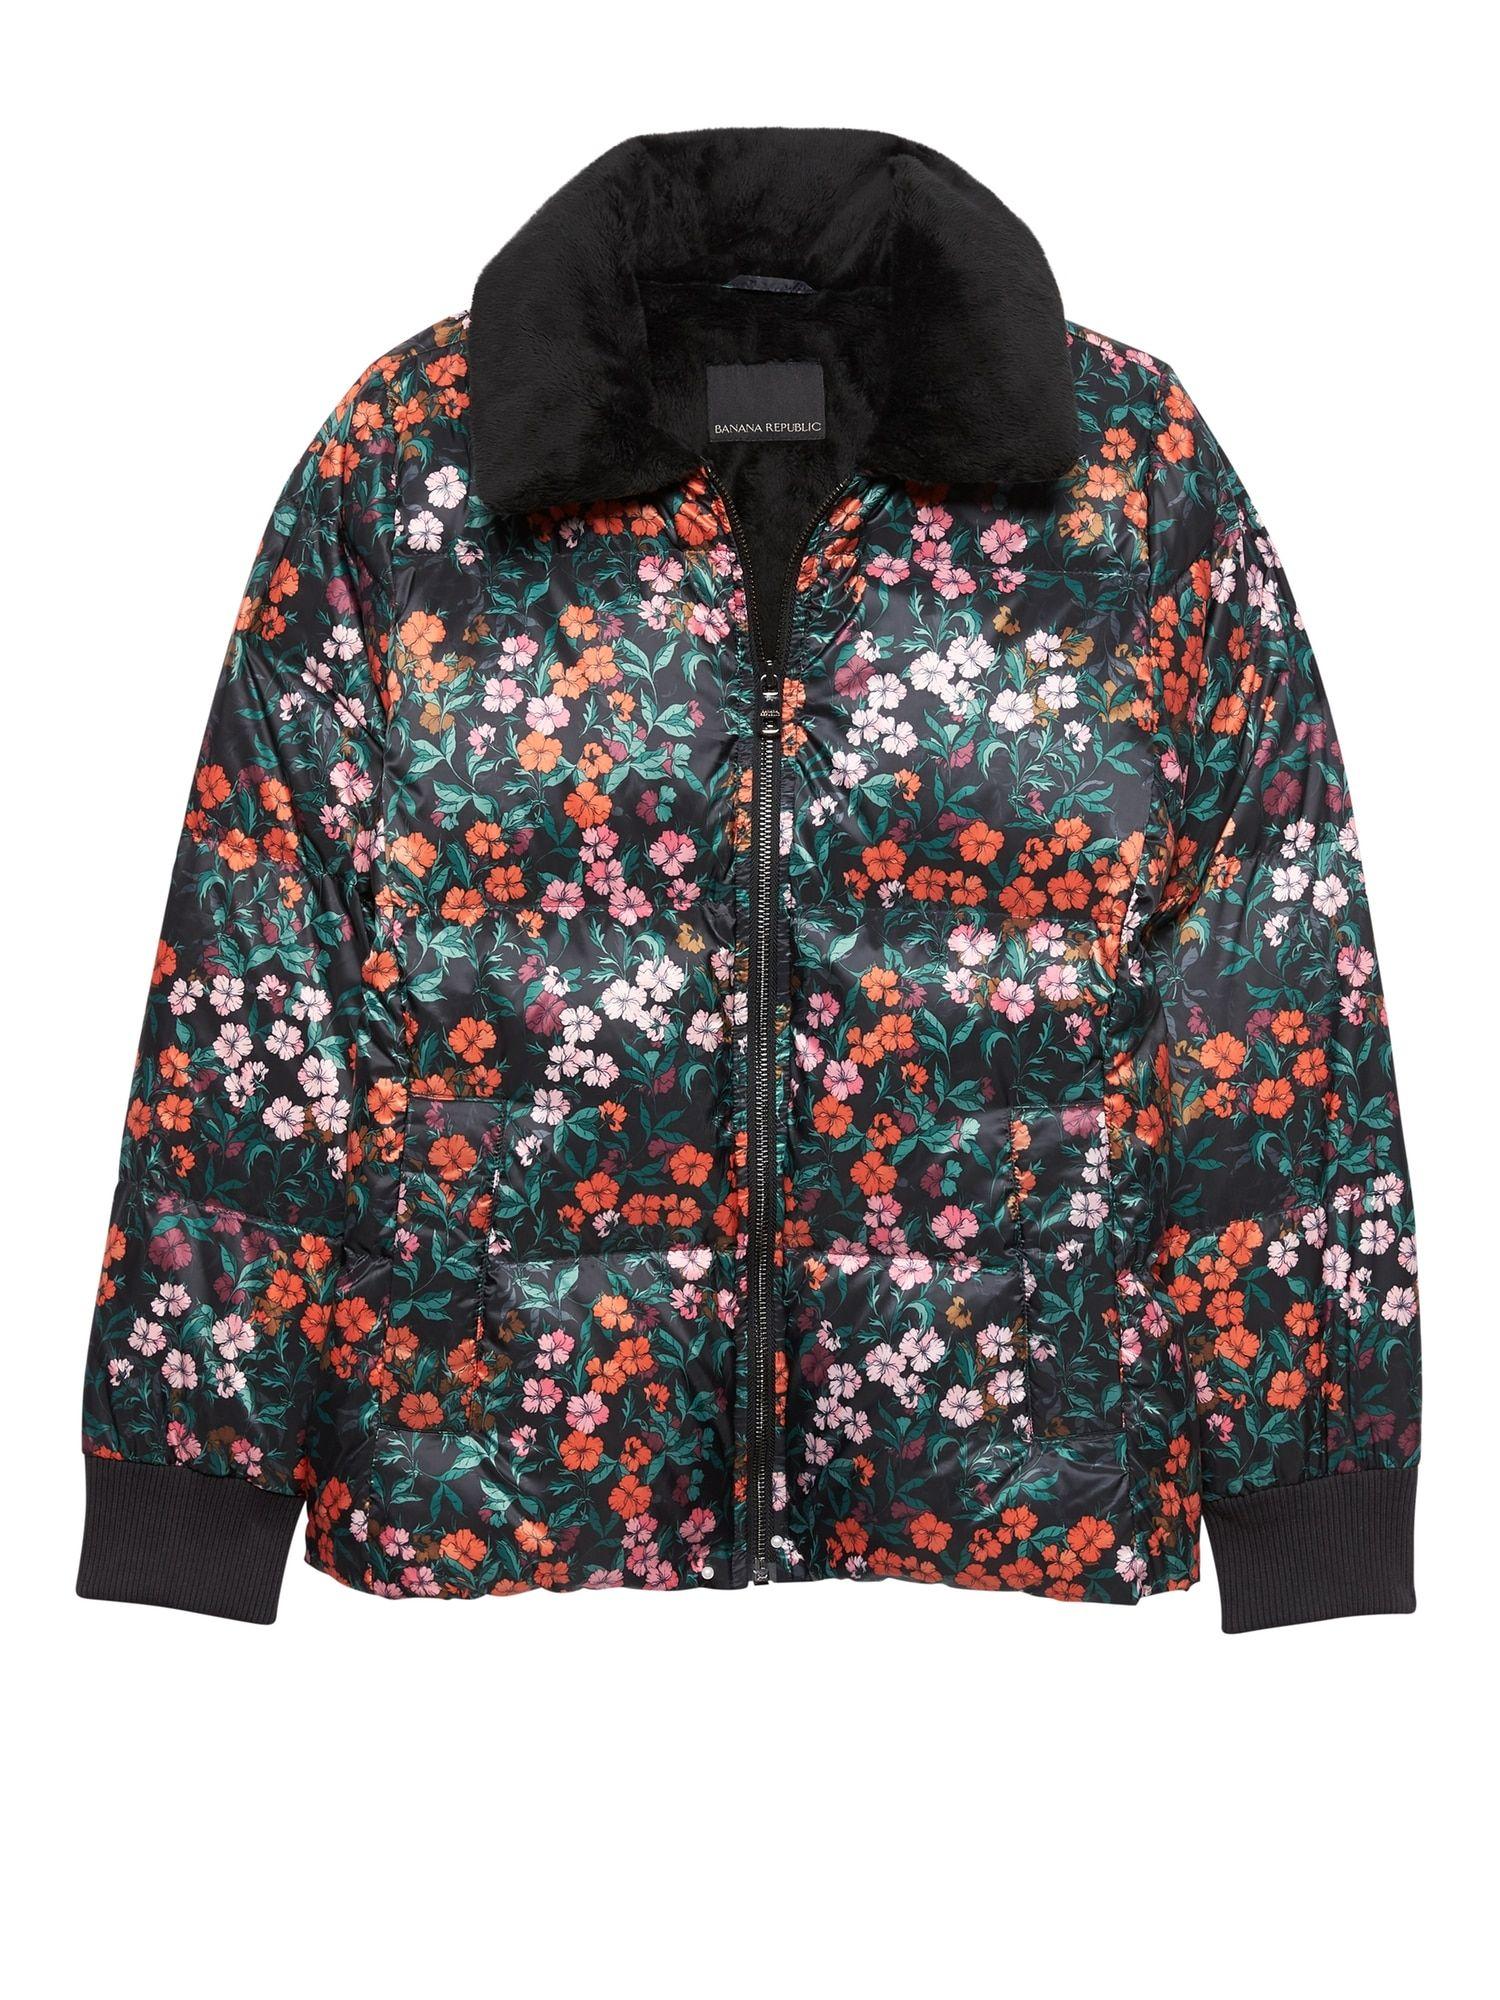 product Banana republic, Athletic jacket, Jackets